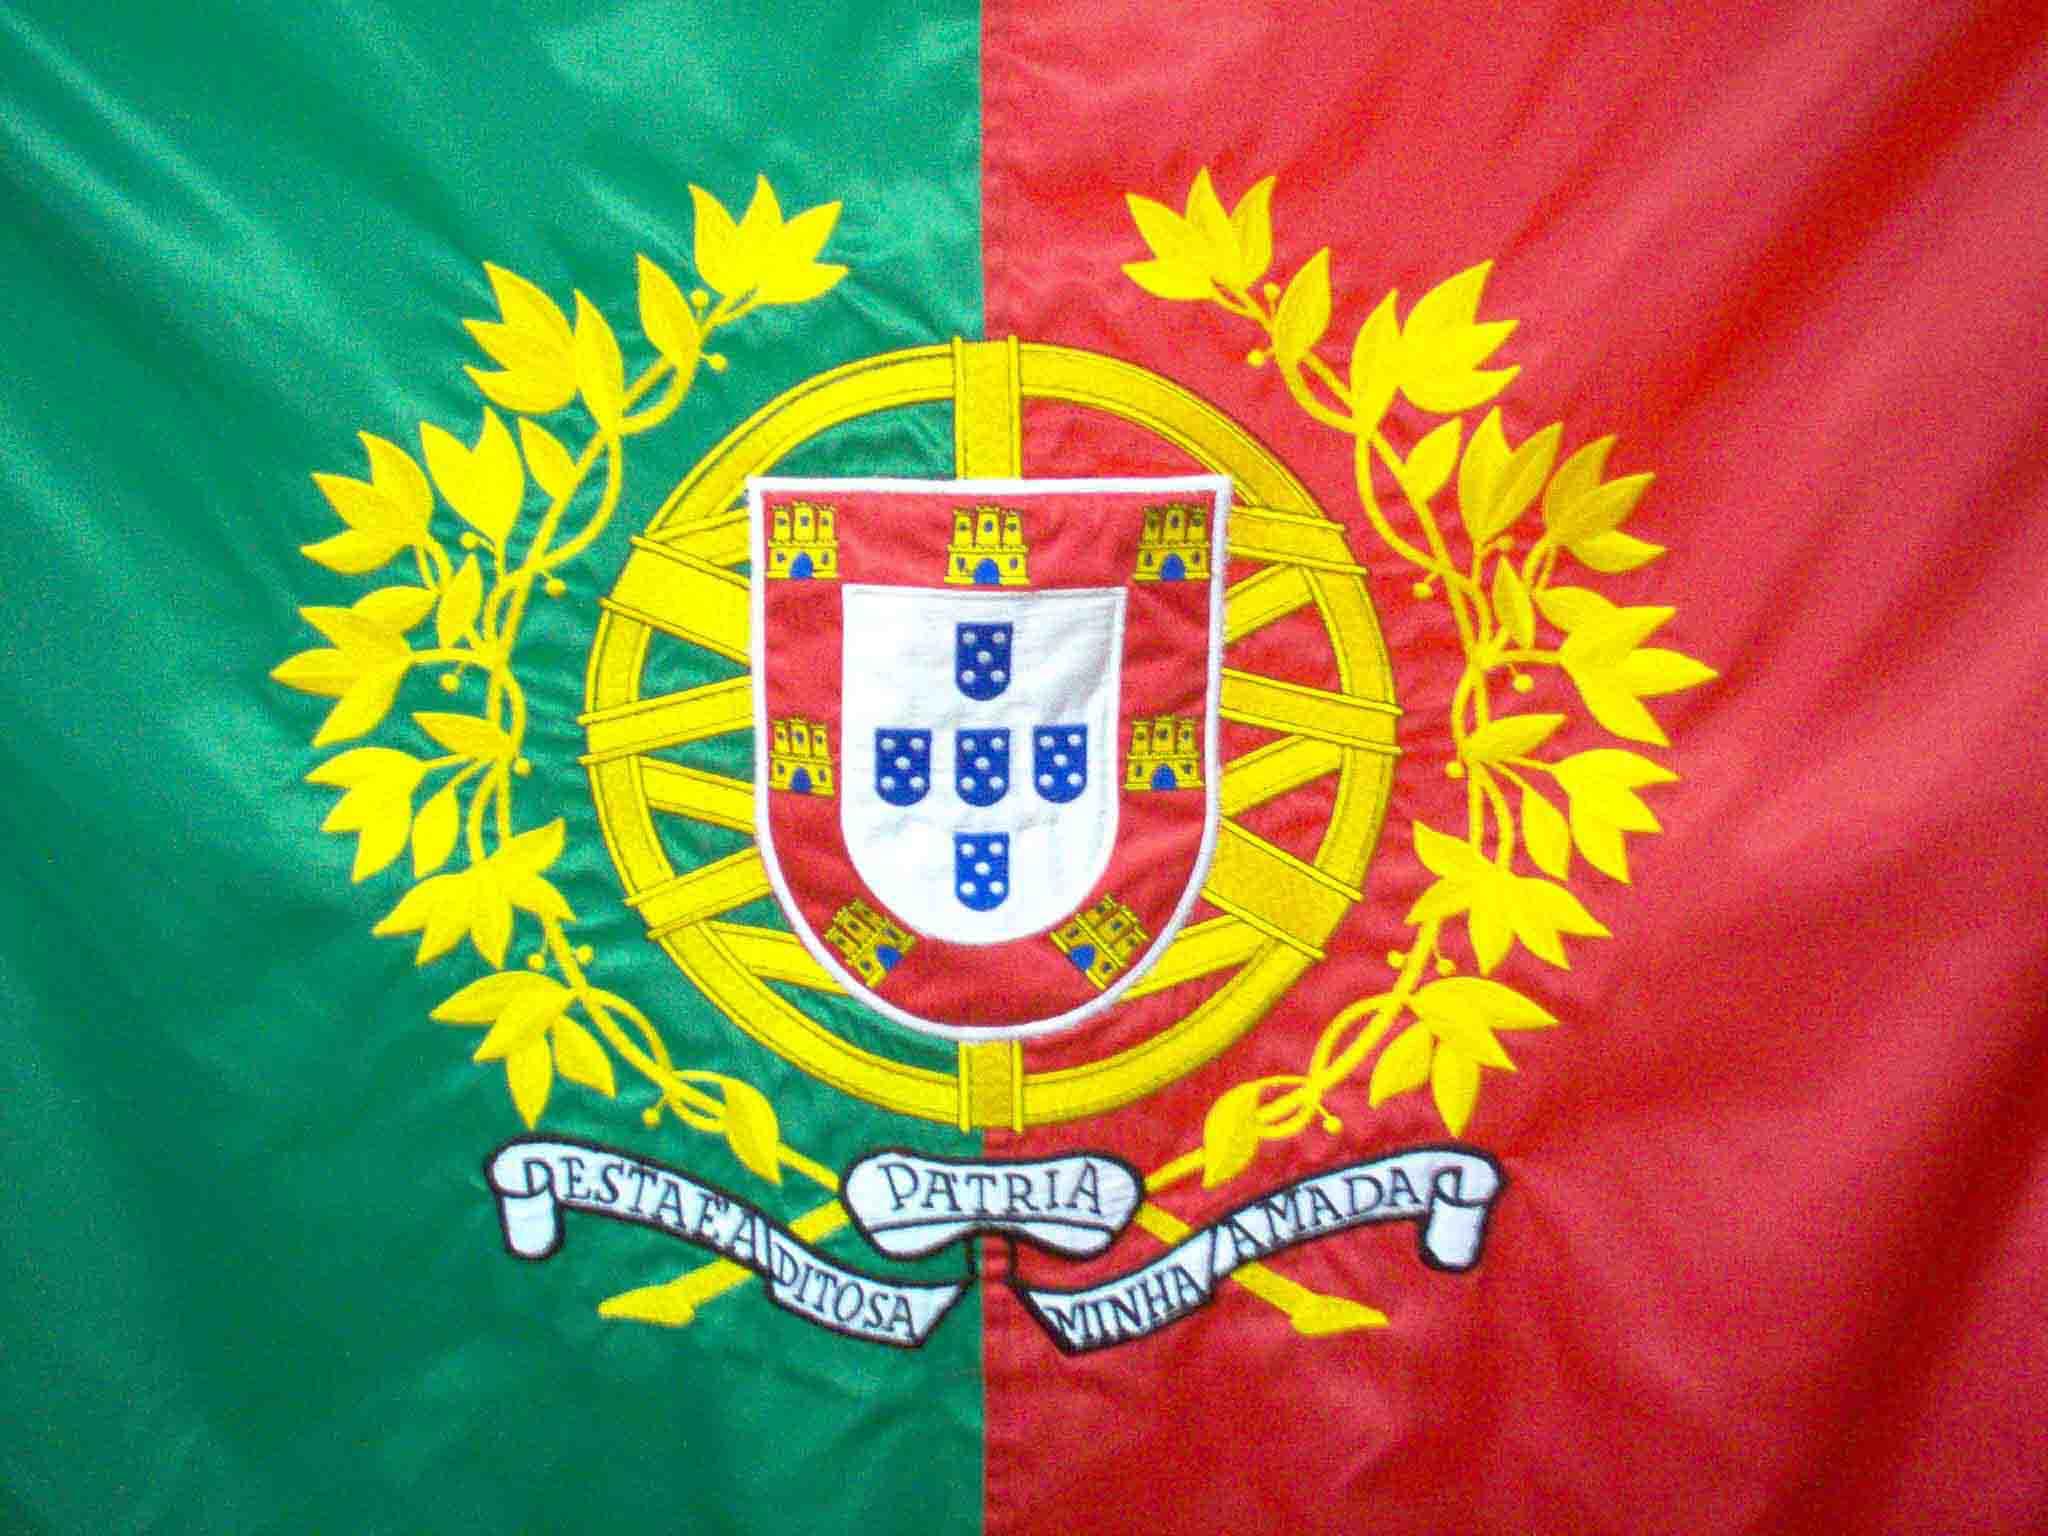 ... que tenho muito orgulho em viver e ter nascido em Portugal